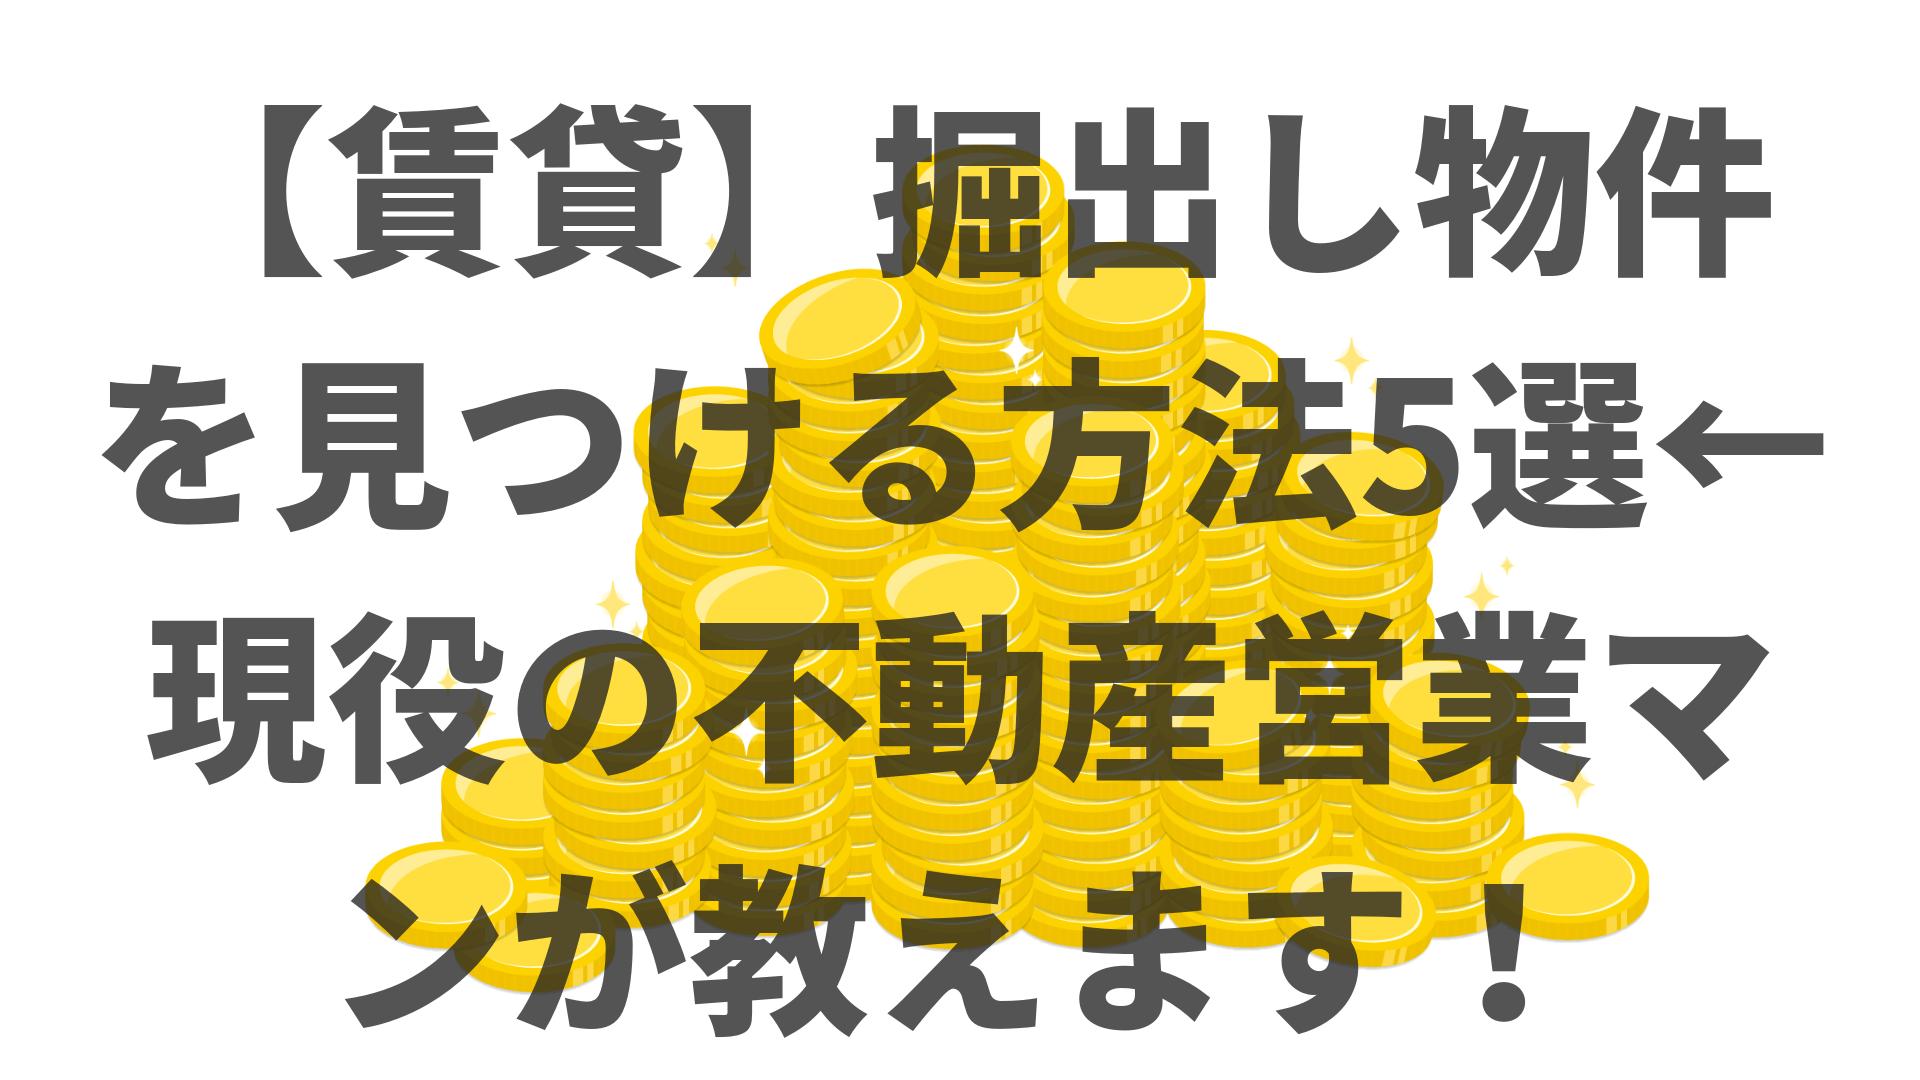 【賃貸】掘出し物件を見つける方法5選←現役の不動産営業マンが教えます!